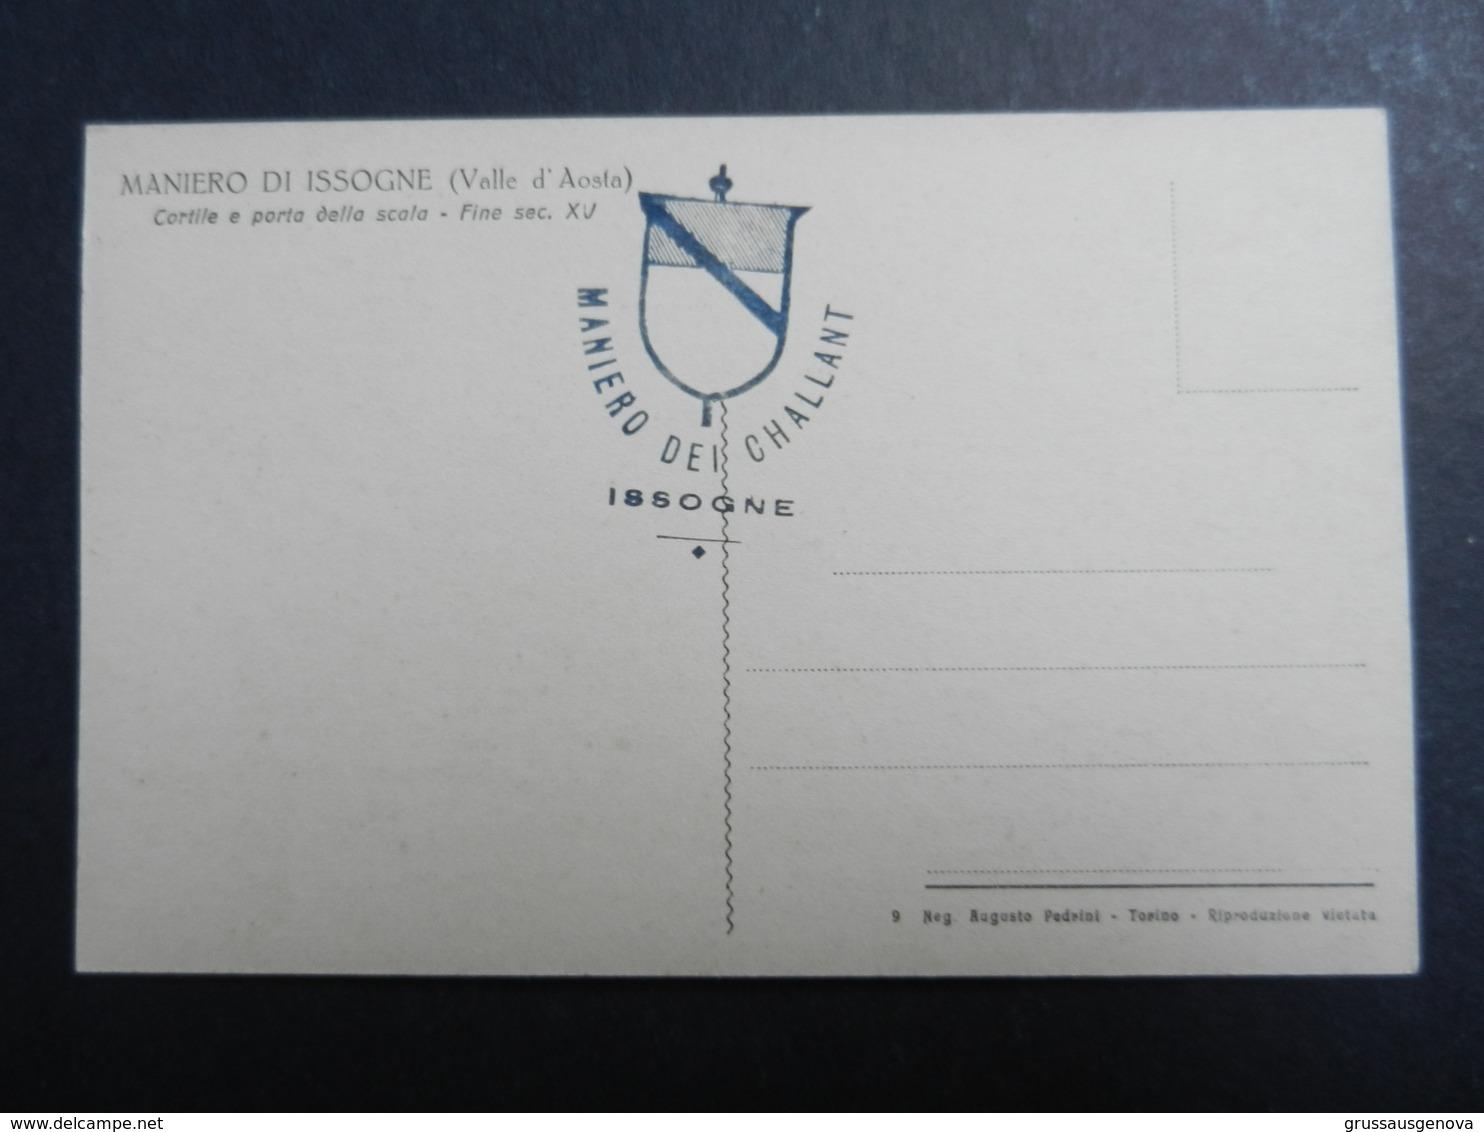 19946) VALLE D'AOSTA CASTELLO DI ISSOGNE CORTILE E PORTA SCALA SECOLO XV NON VIAGGIATA TIMBRO MANIERO DEI CHALLANT - Italia